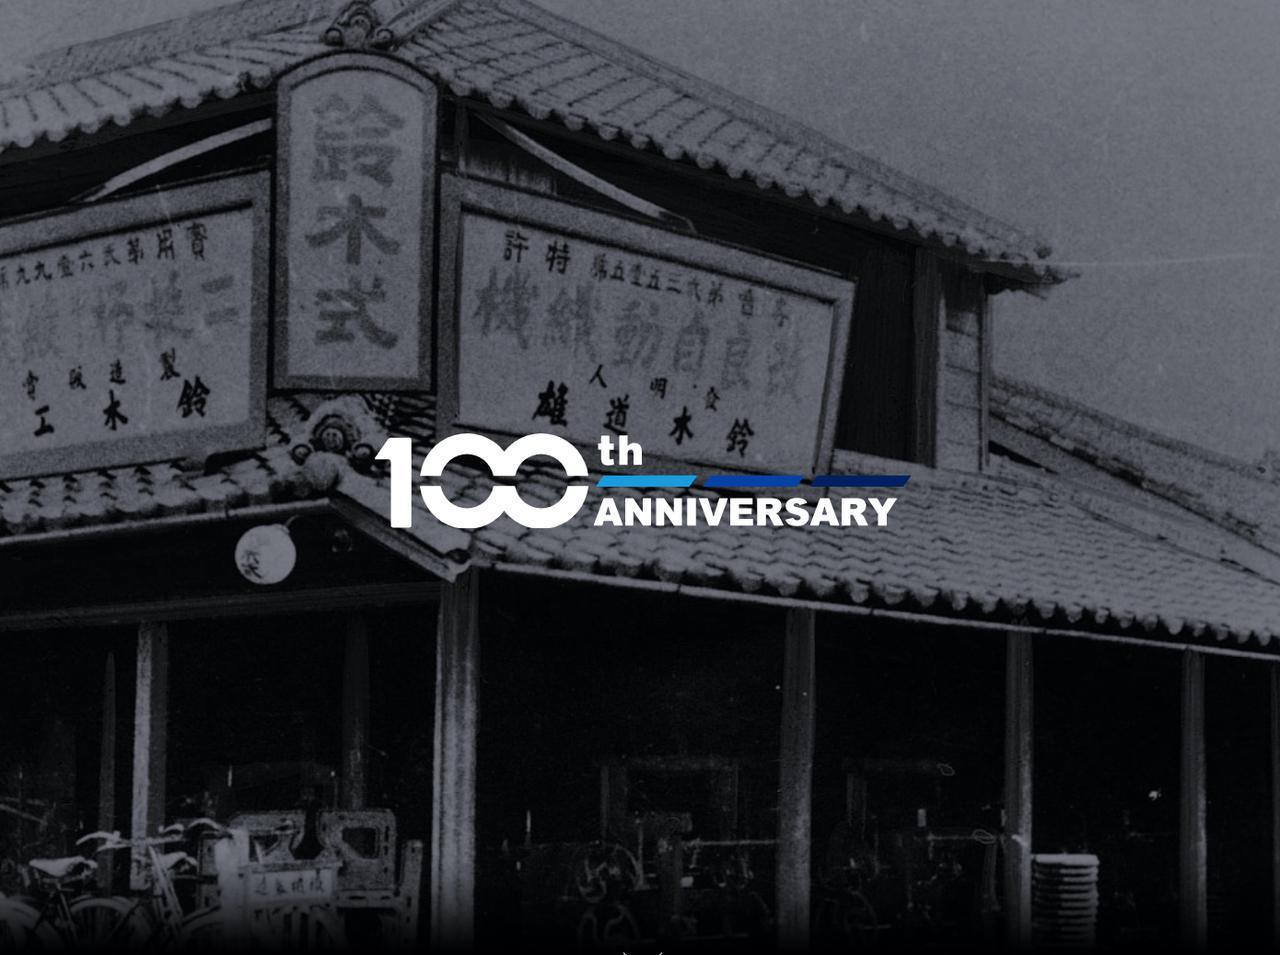 画像: 今年はスズキが創立100周年! 見どころたっぷりの「100周年スペシャルサイト」がオープン! - webオートバイ